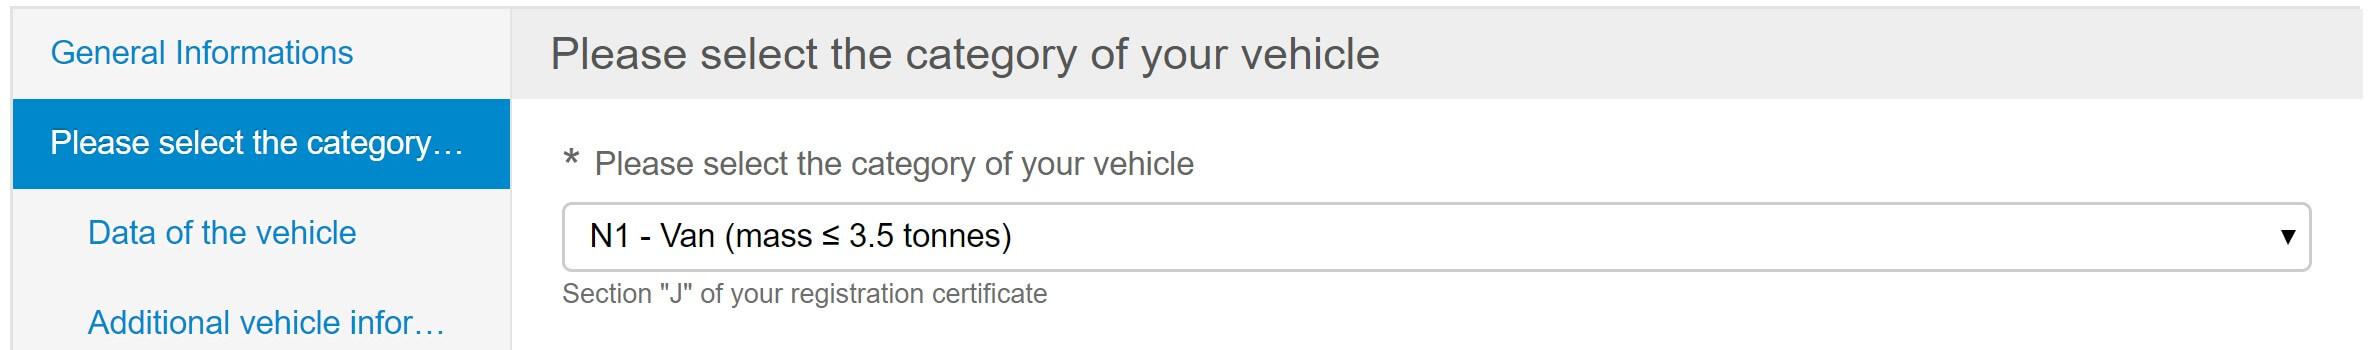 Screenshot Umwetzone Brüssel Registrierung Fahrzeugkategorie